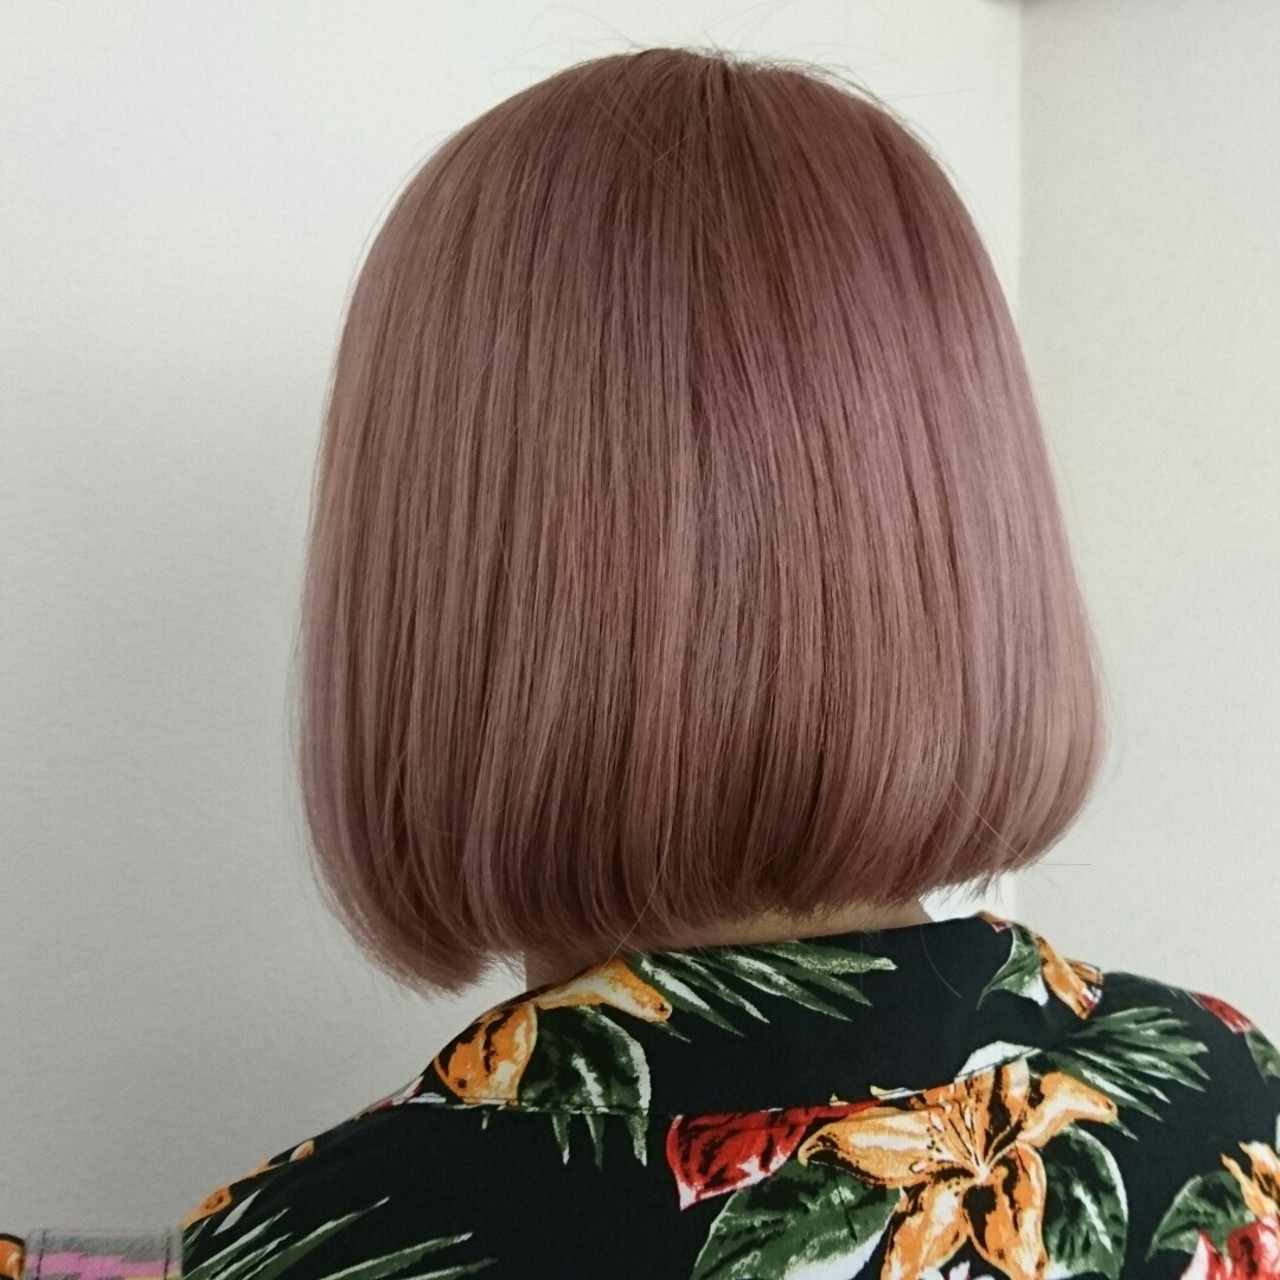 ハイトーン ピンクアッシュ ピンク ベージュ ヘアスタイルや髪型の写真・画像